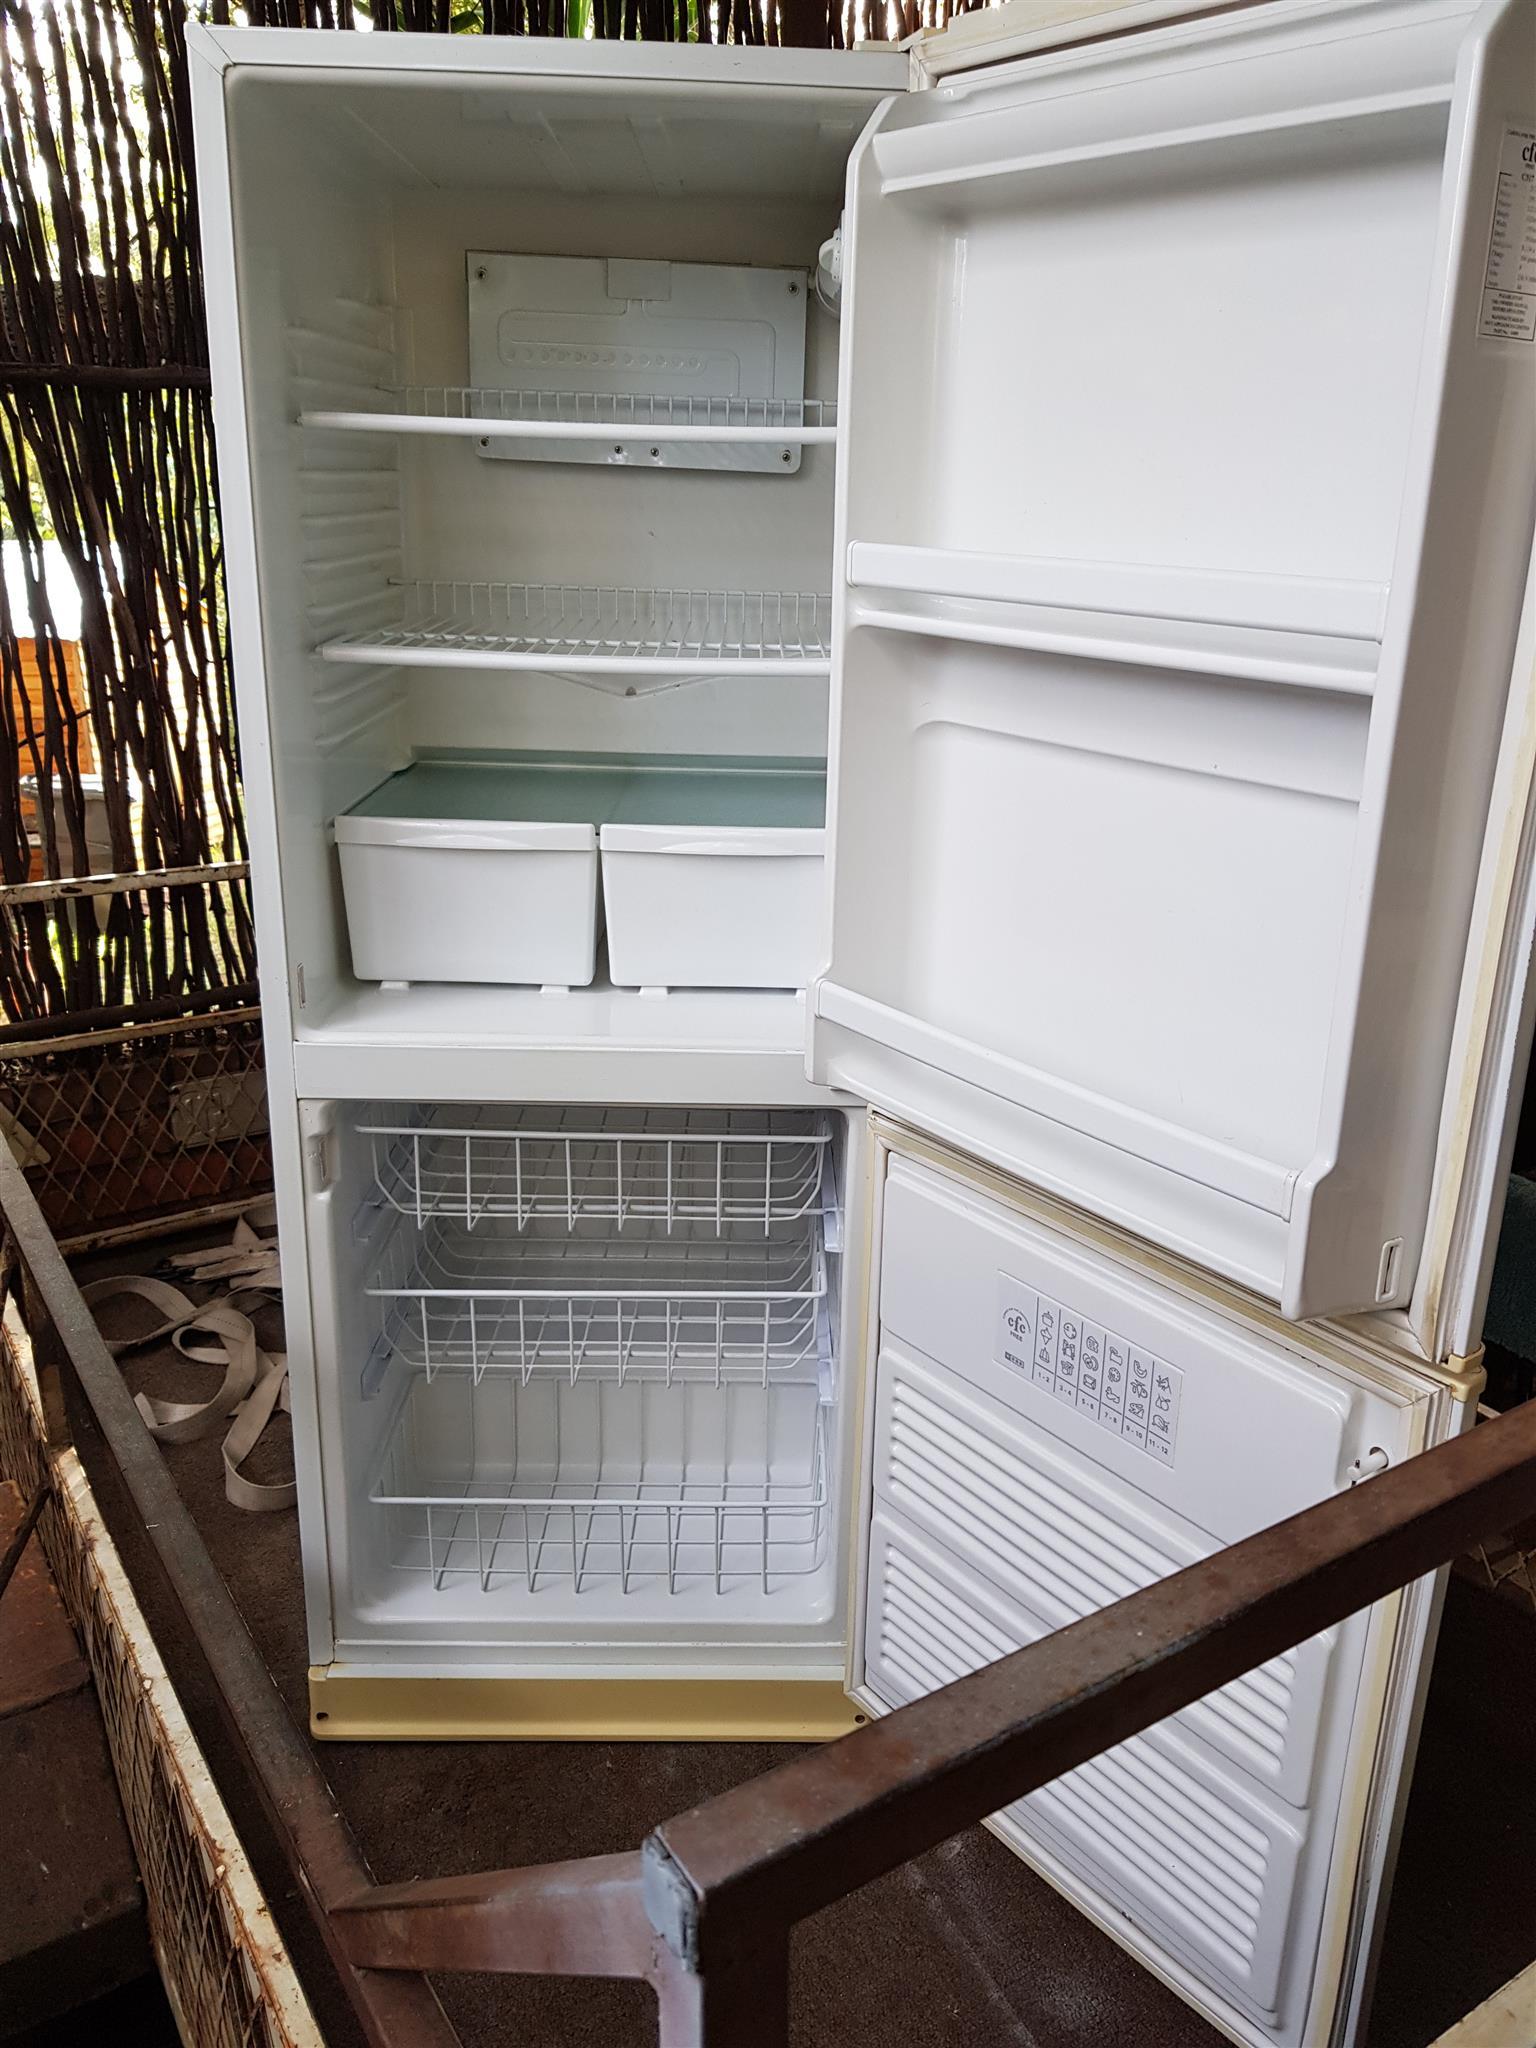 white 320 liter double door fridge freezer in very good. Black Bedroom Furniture Sets. Home Design Ideas